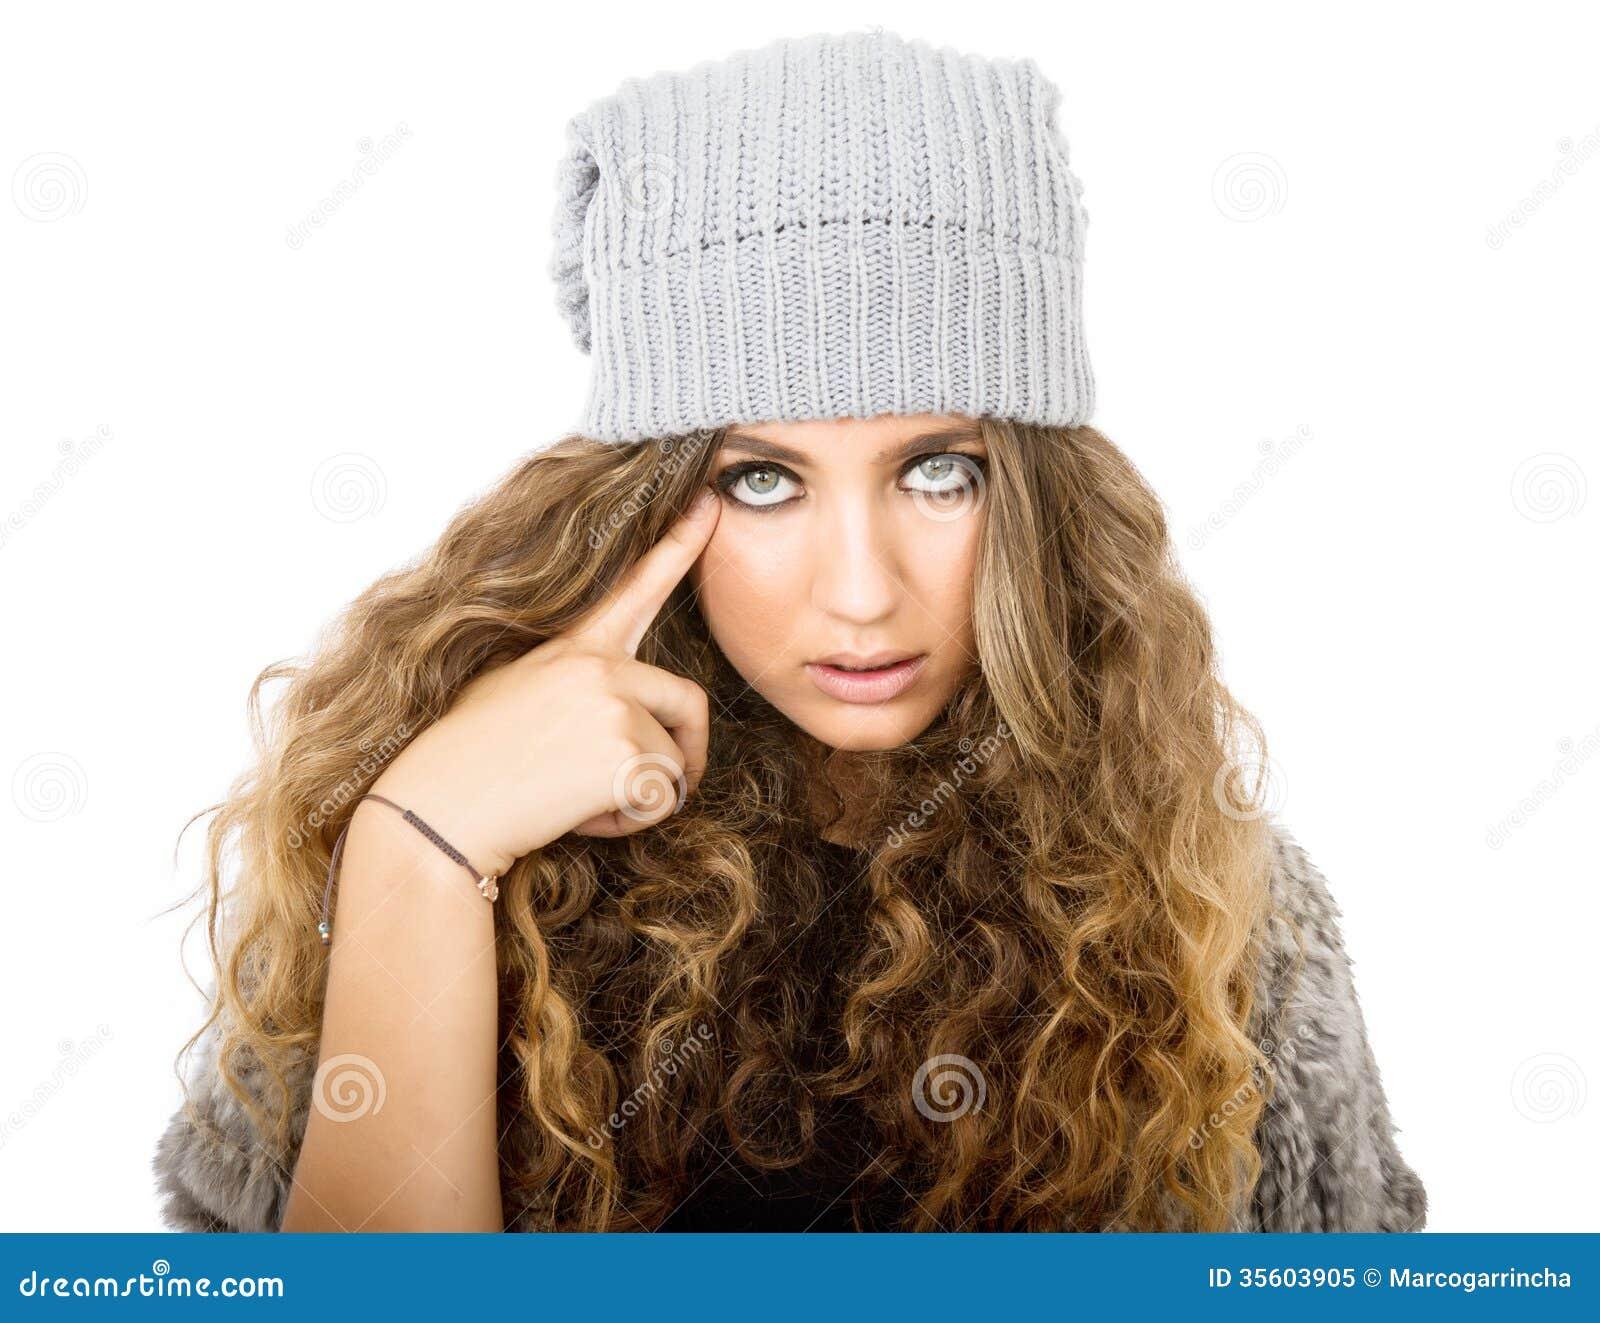 Vestido do inverno para uma menina inteligente